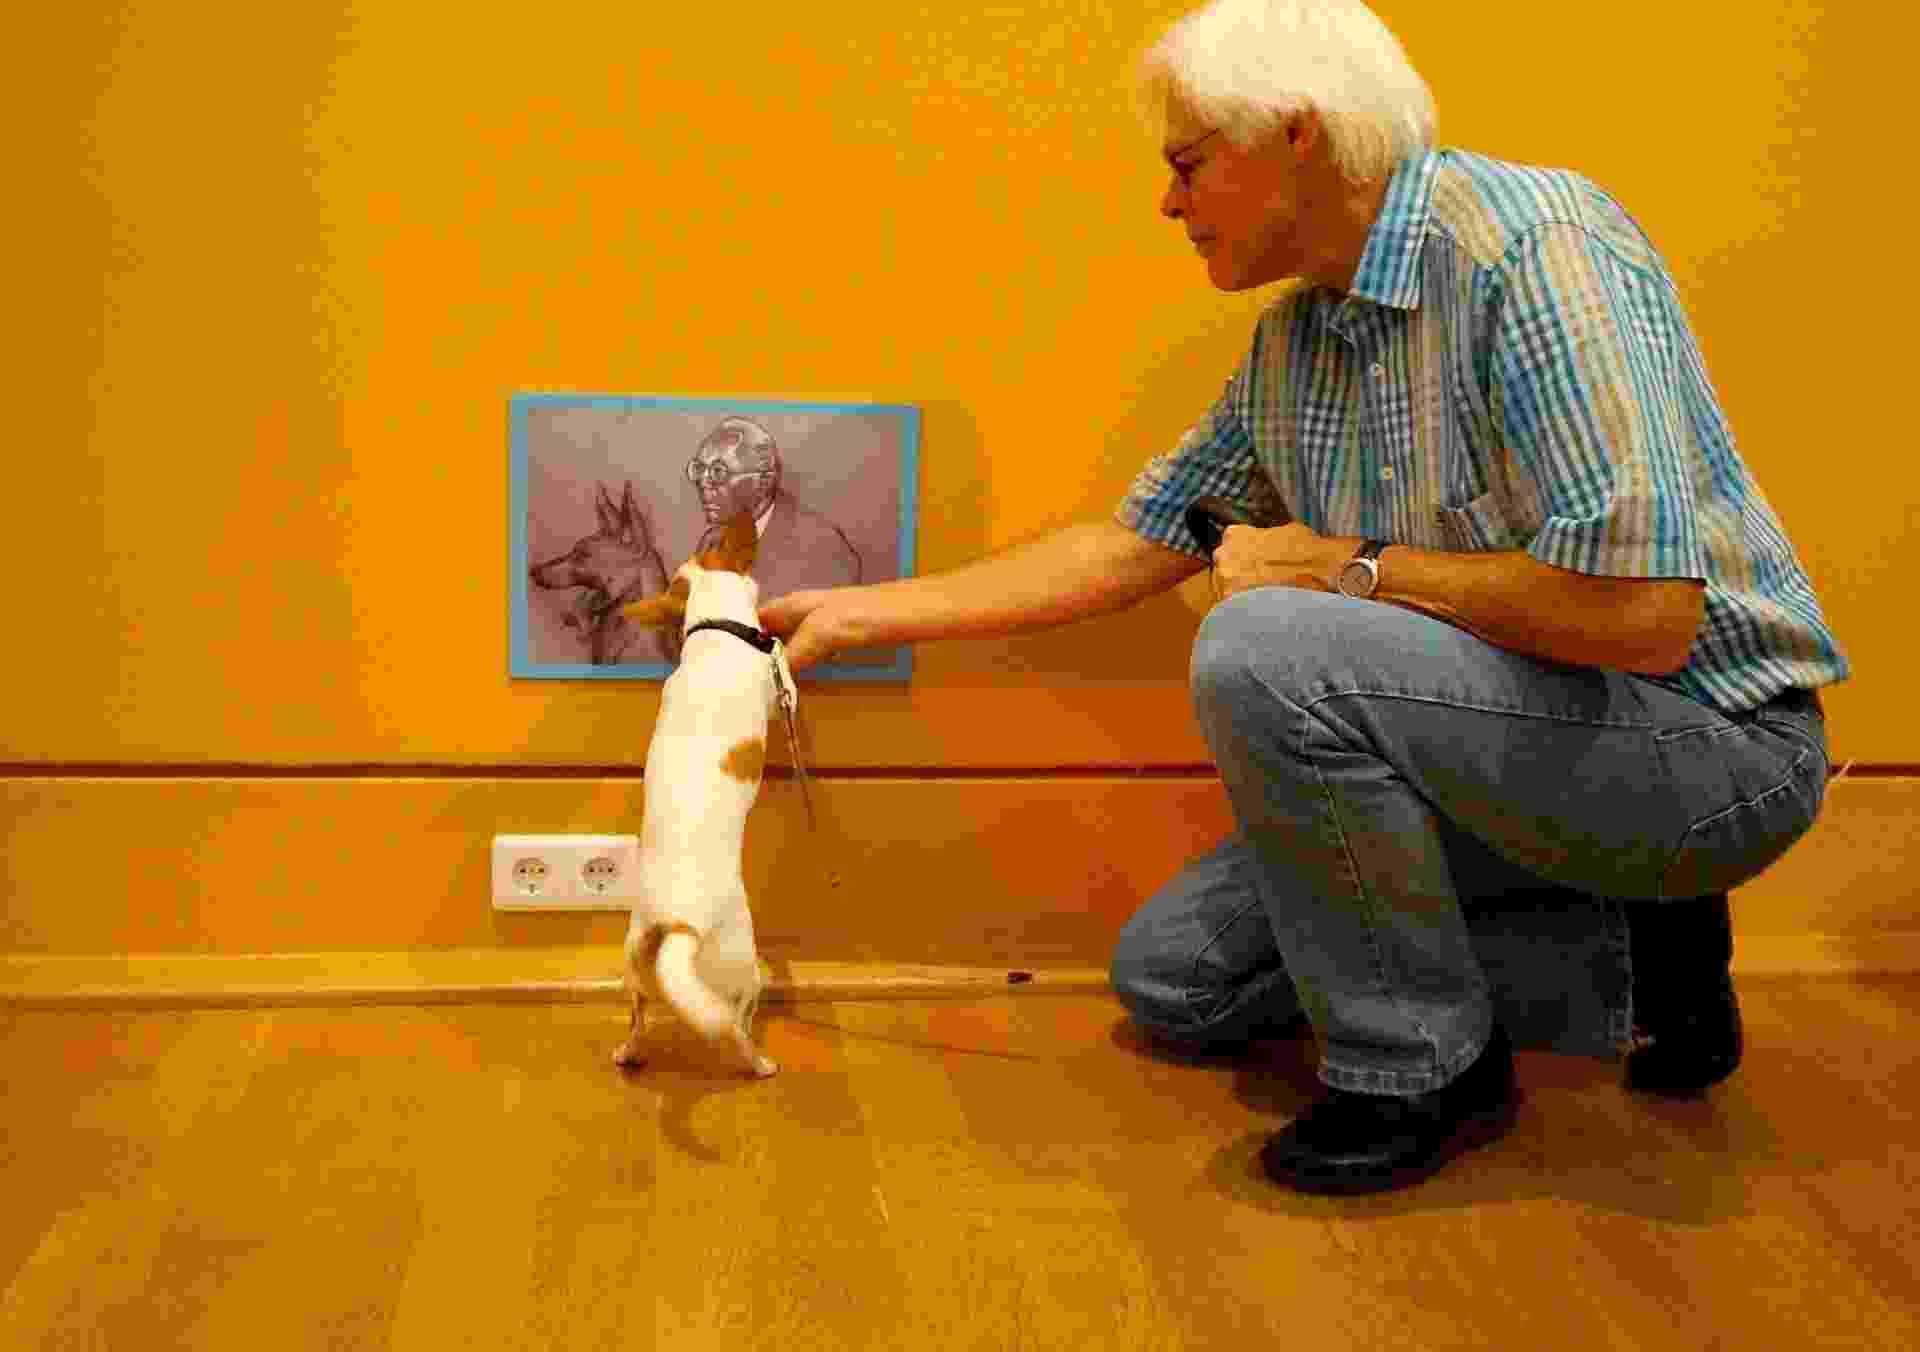 """Cachorros se comportaram durante visita ao museu, mas interesse na arte teve que ser """"comprado"""" - Clarissa Neher/BBC"""